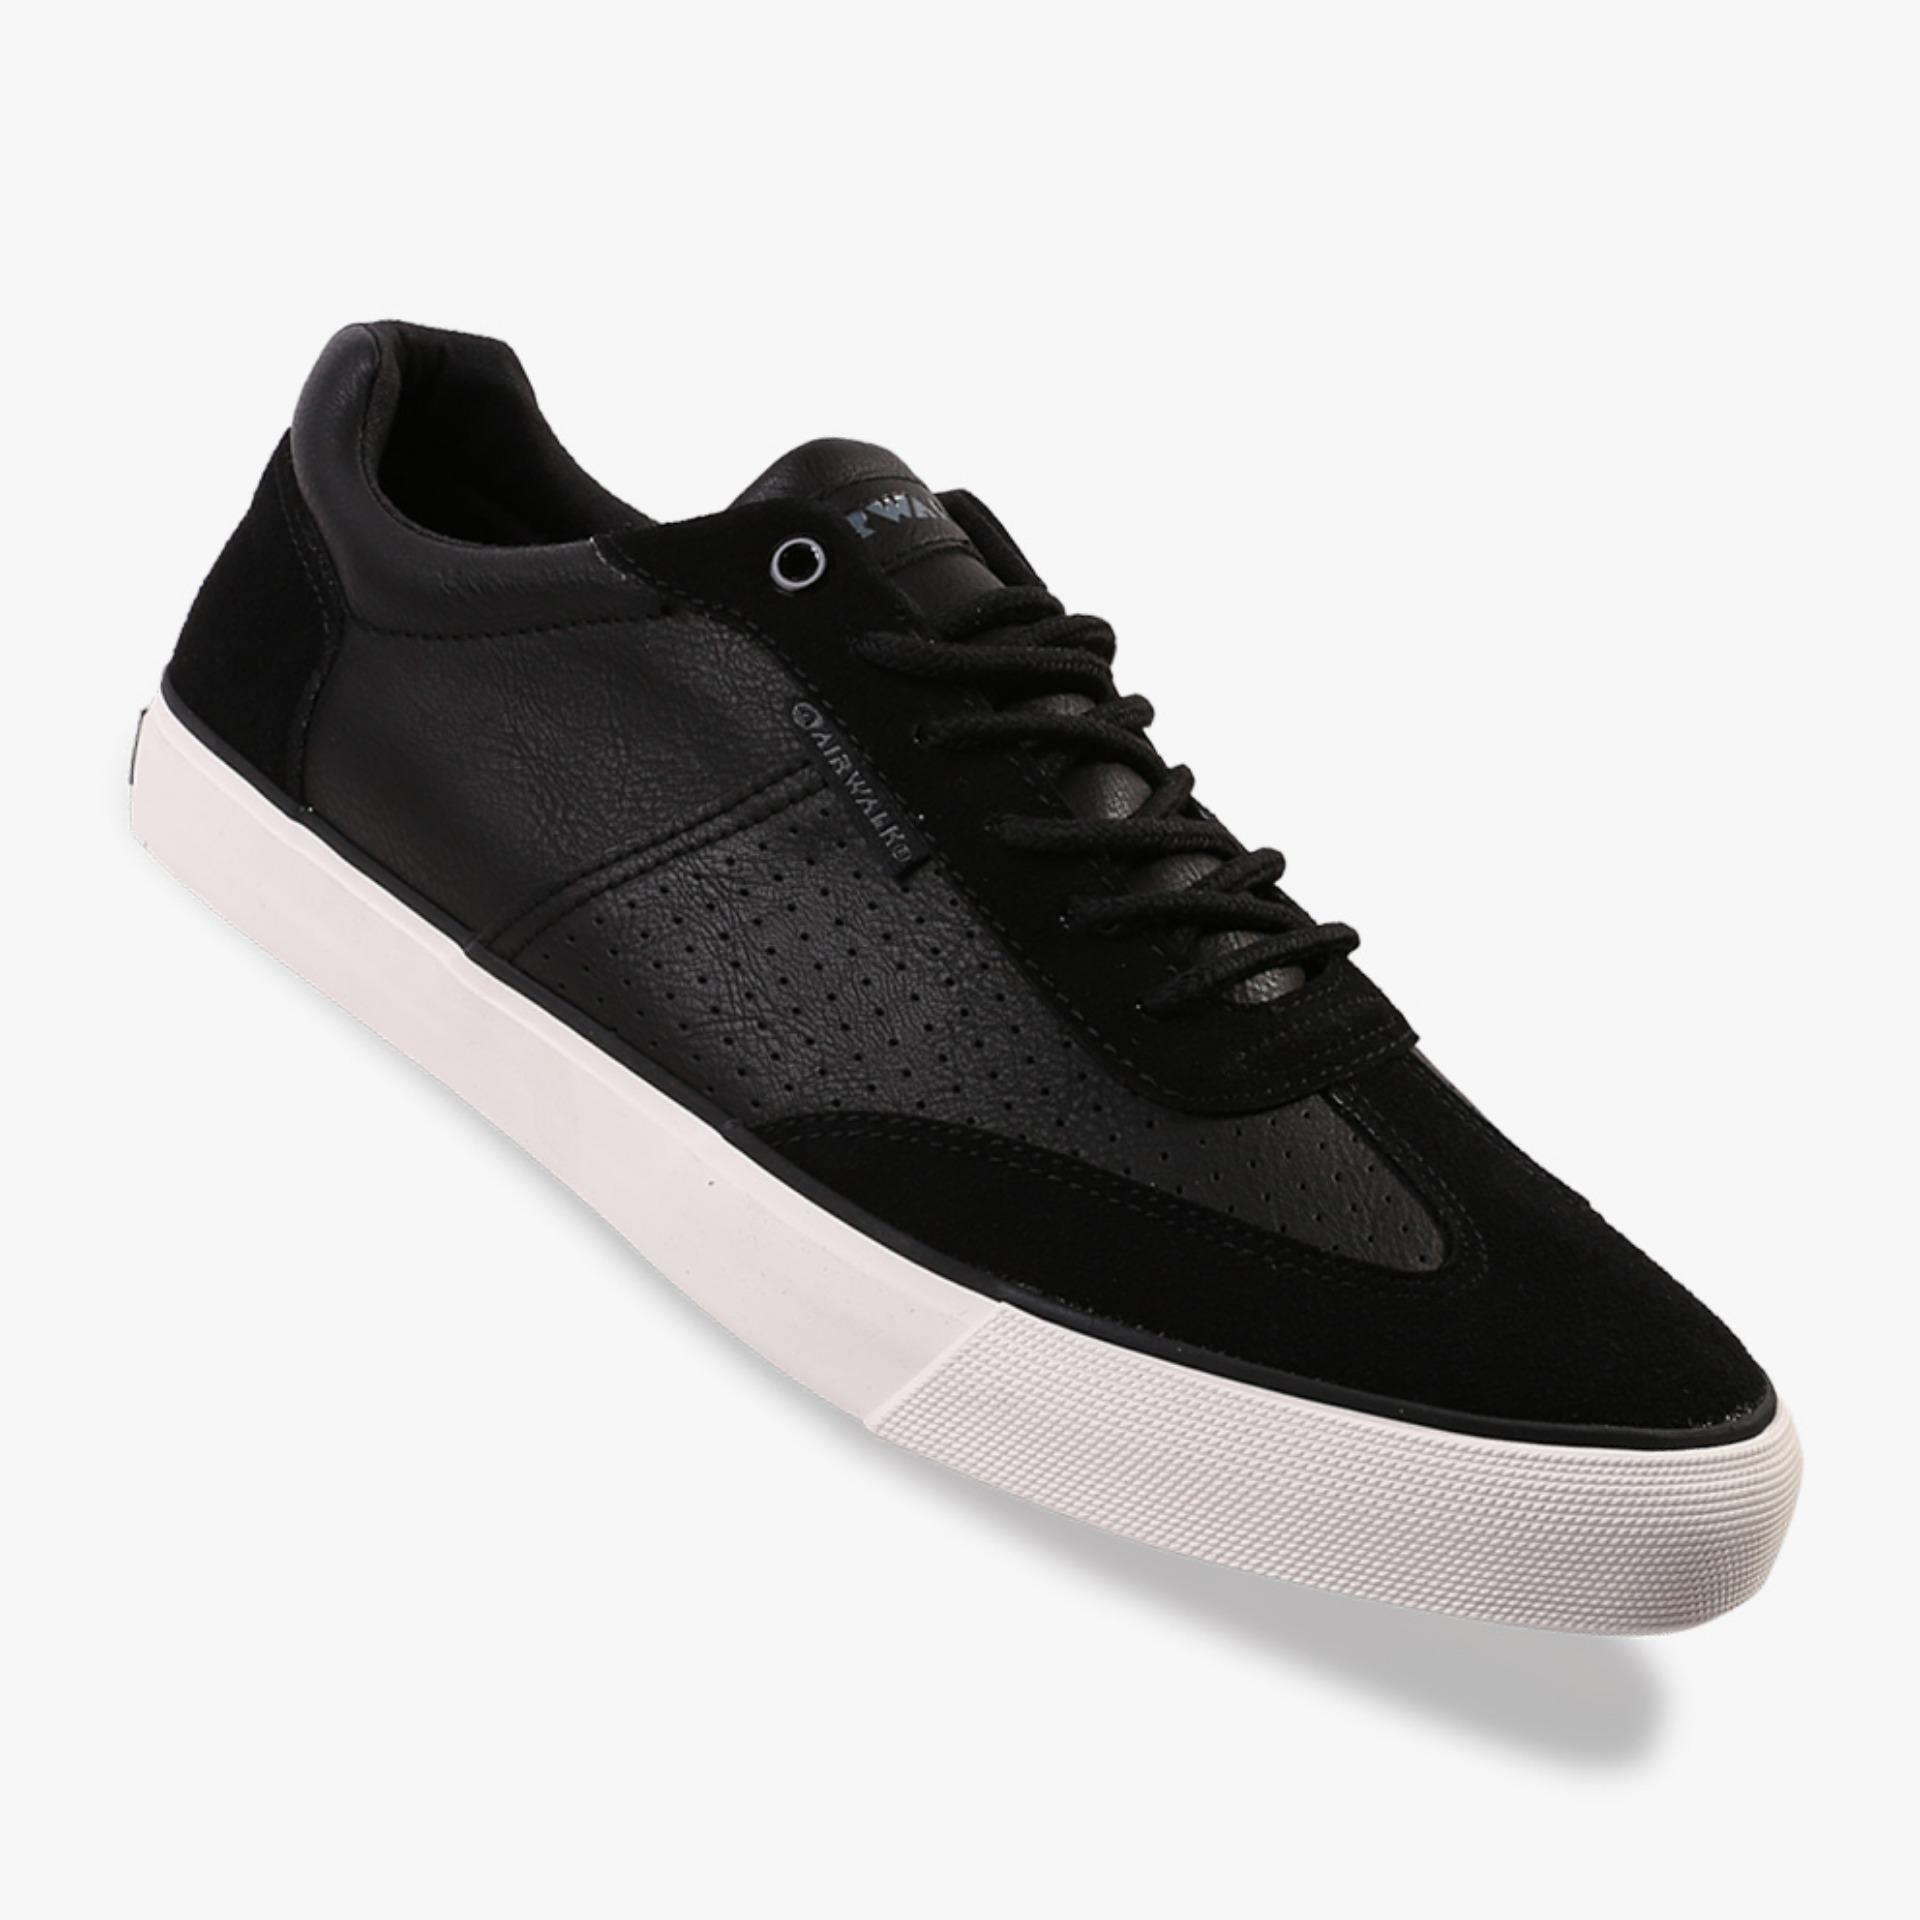 Toko Airwalk Jonas Men S Sneakers Shoes Hitam Lengkap